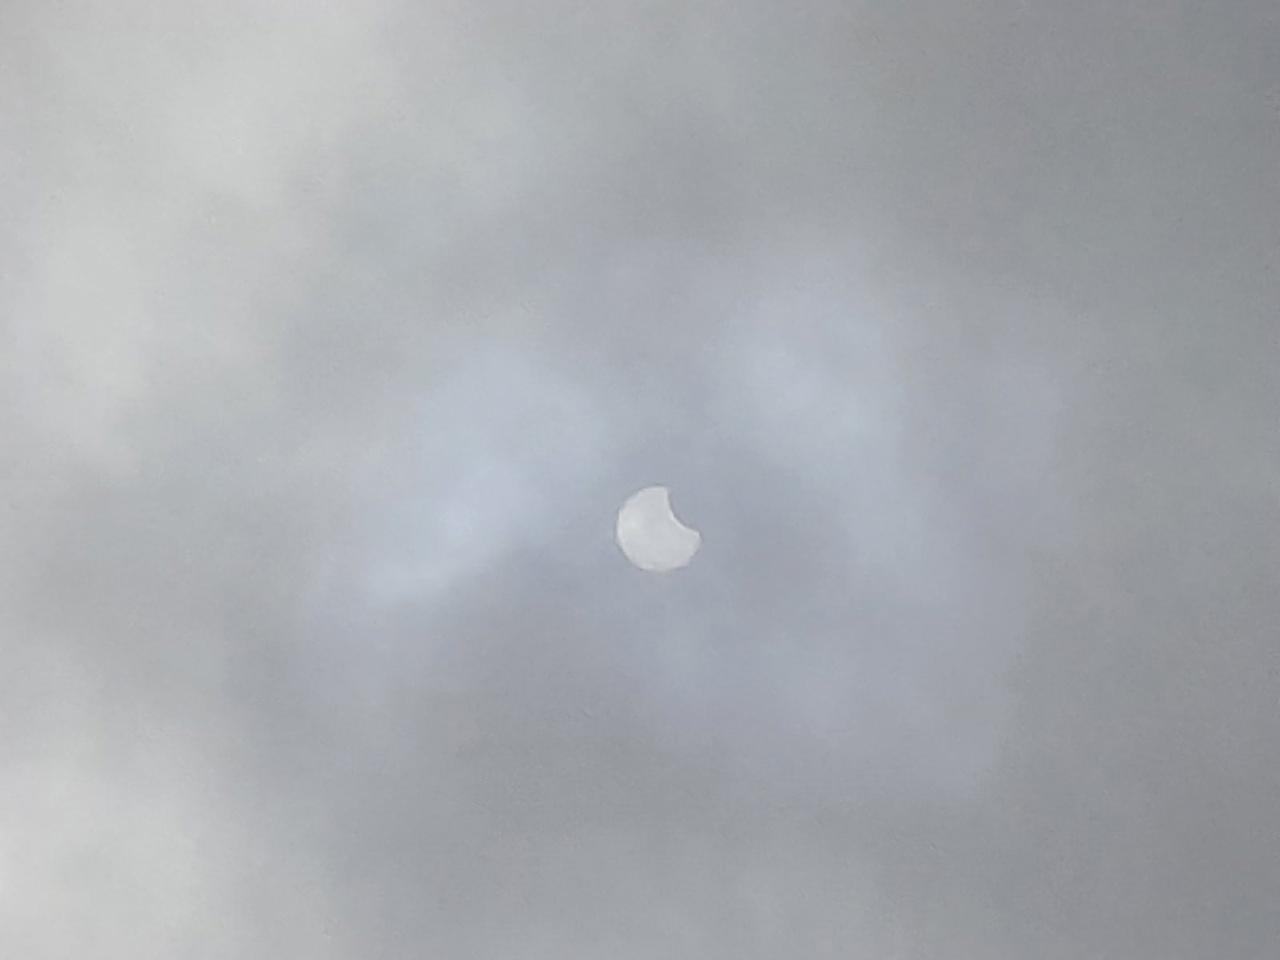 Фотографии солнечного затмения в Тверской области заполнили соцсети